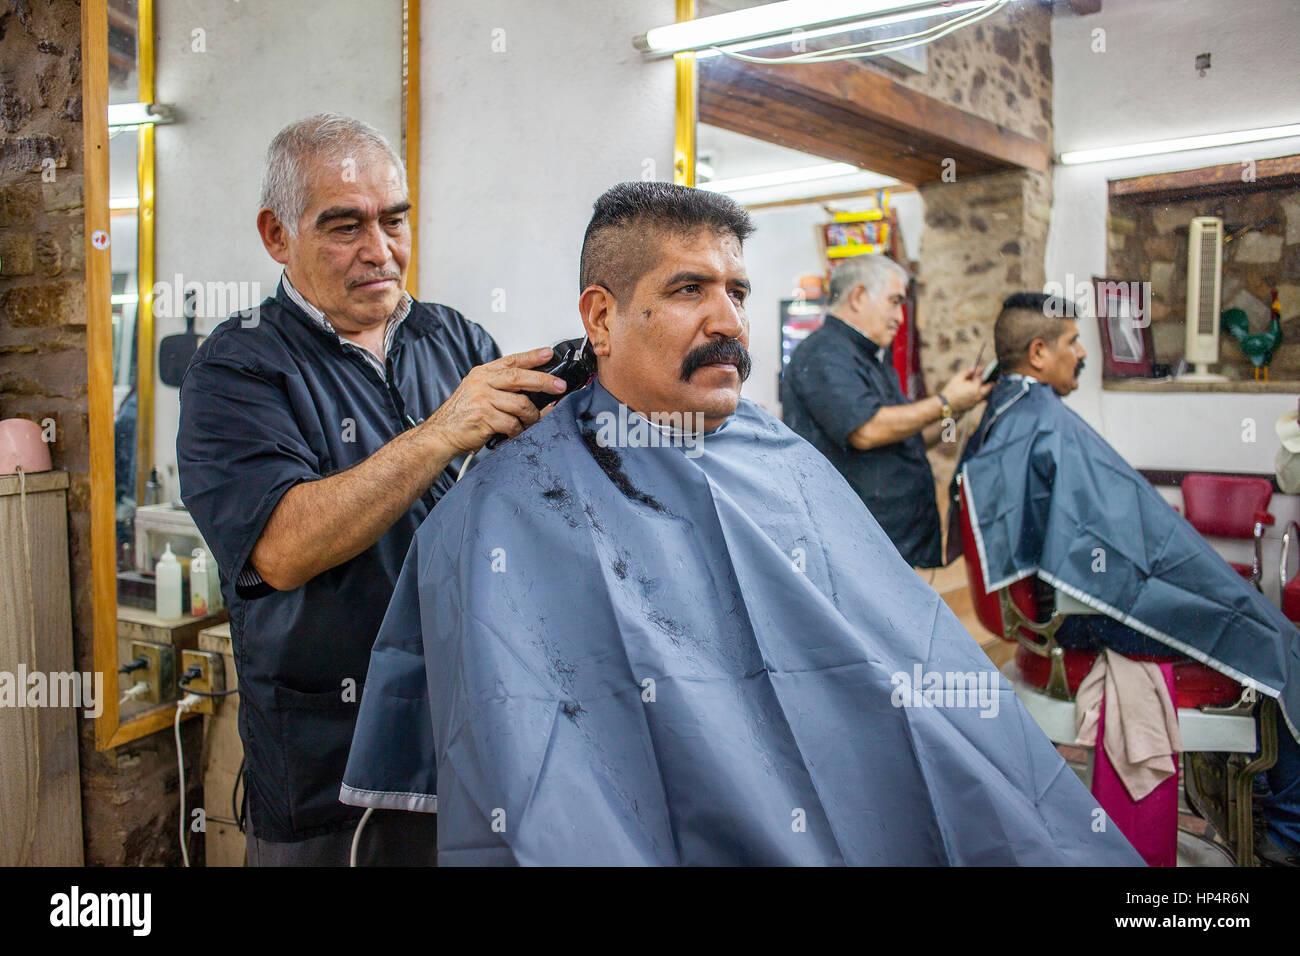 Barbershop in Juarez street at Juan Valle street, Guanajuato, state Guanajuato, Mexico - Stock Image